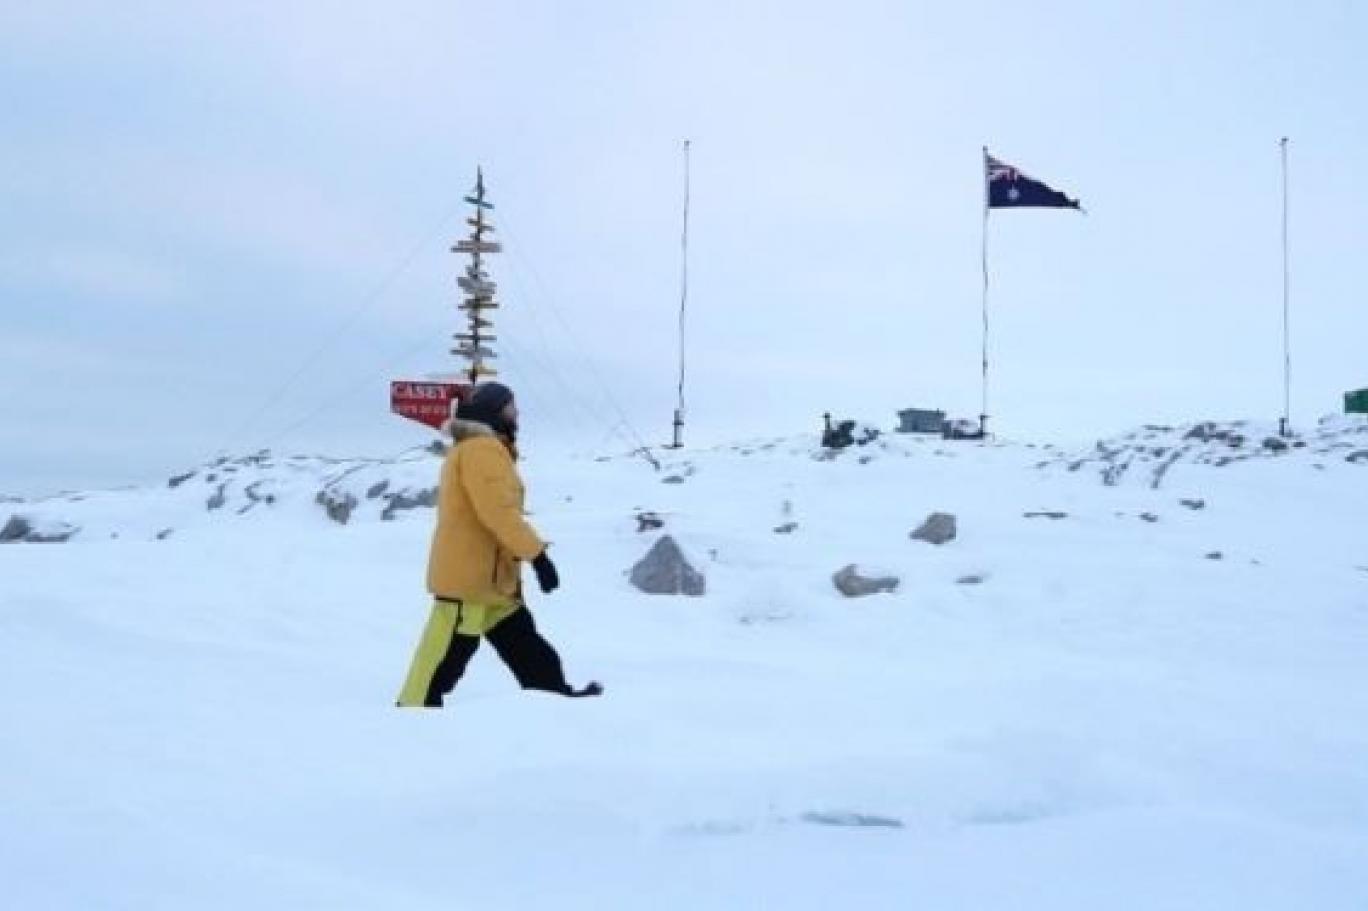 بيانات الأقمار الصناعية تكشف تضاؤل صفائح الجليد في القطب الجنوبي بسرعة أكبر من أي وقت مضى